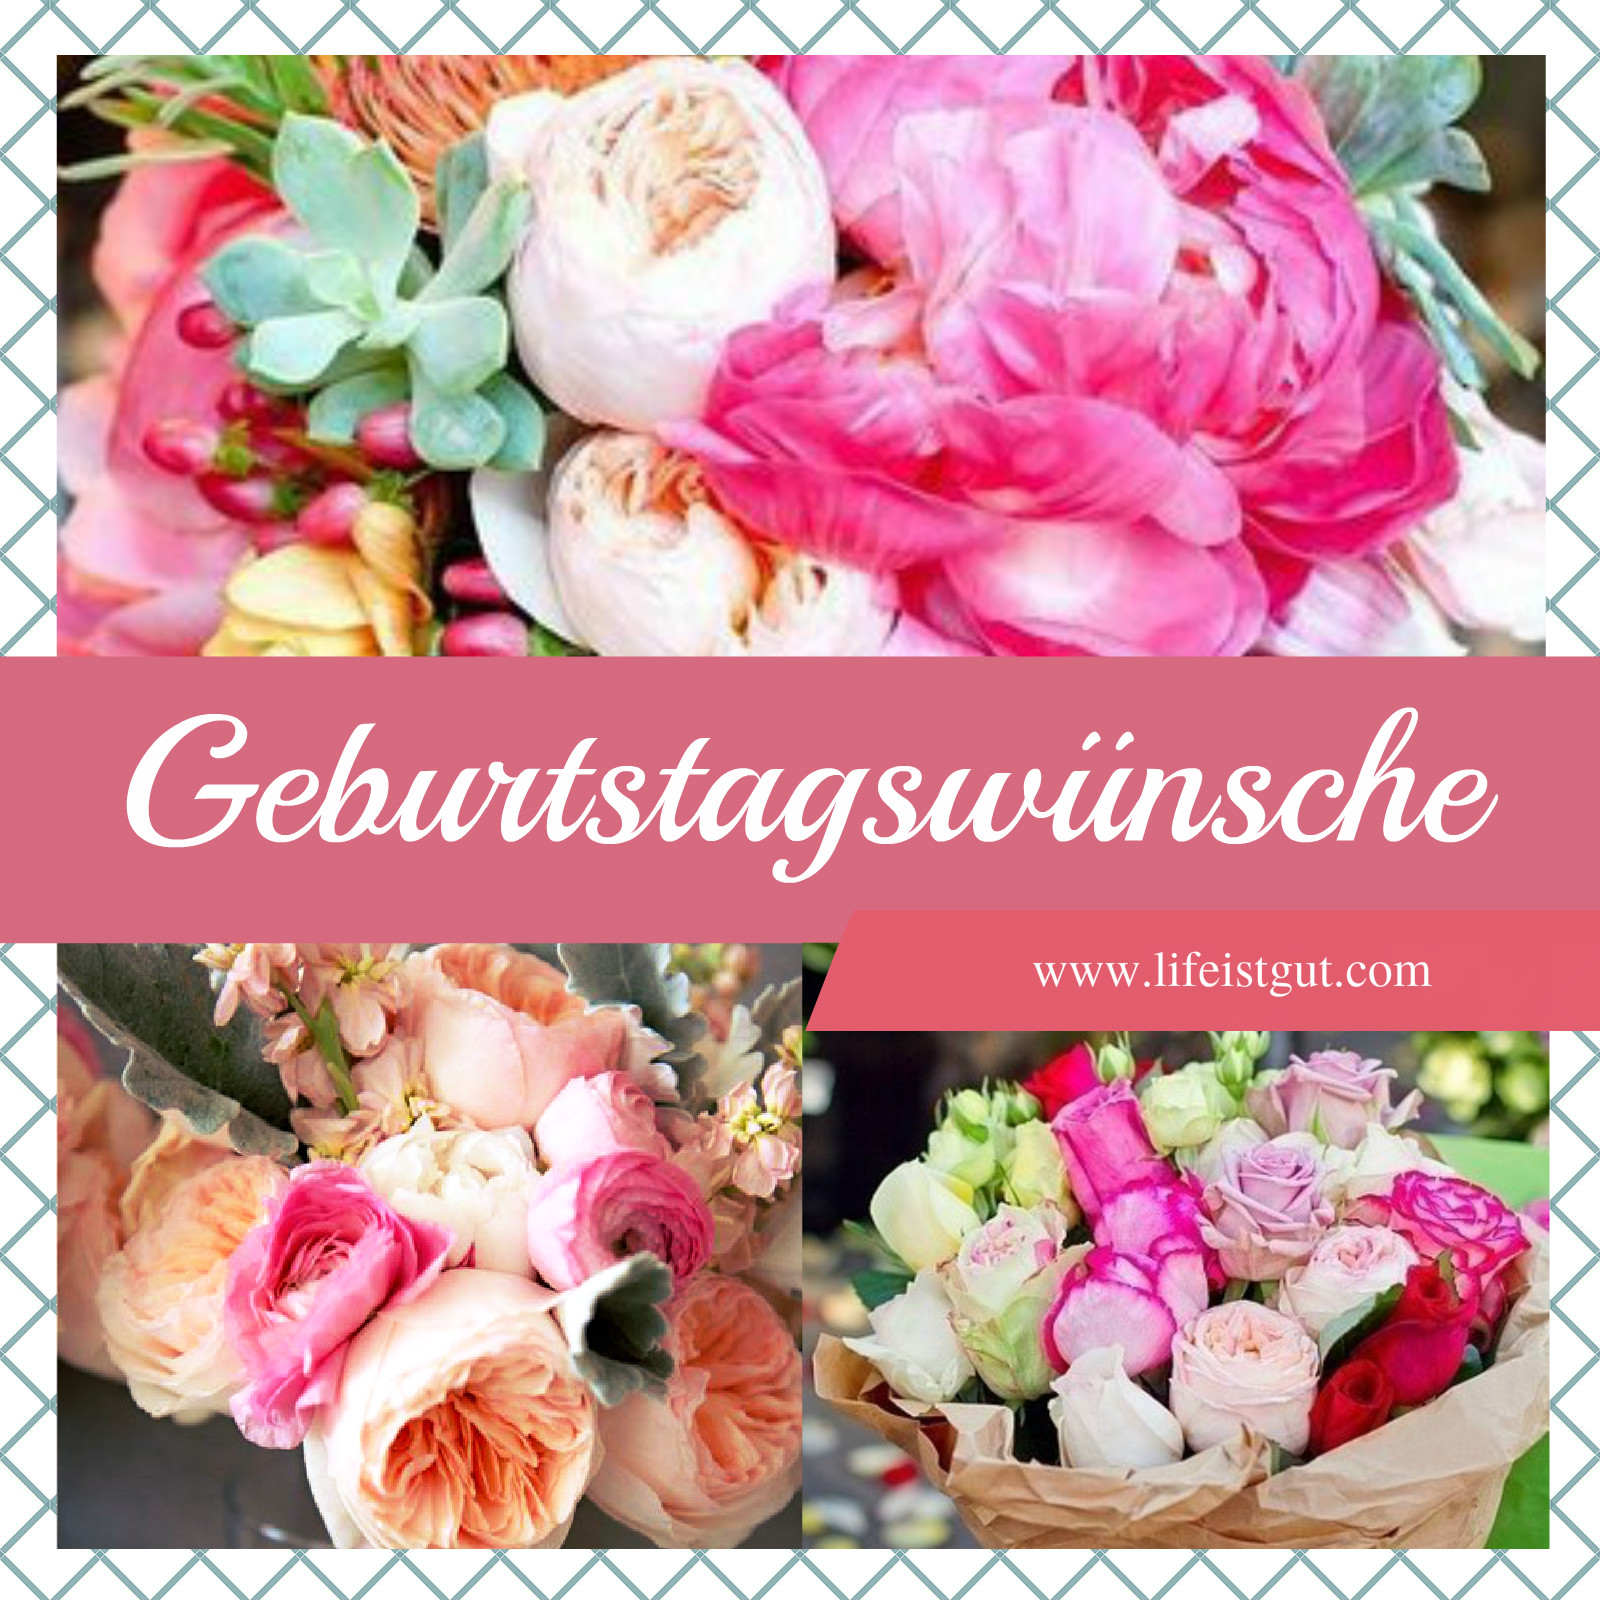 Поздравления с днем рождения на немецком языке! Geburtstagswünsche